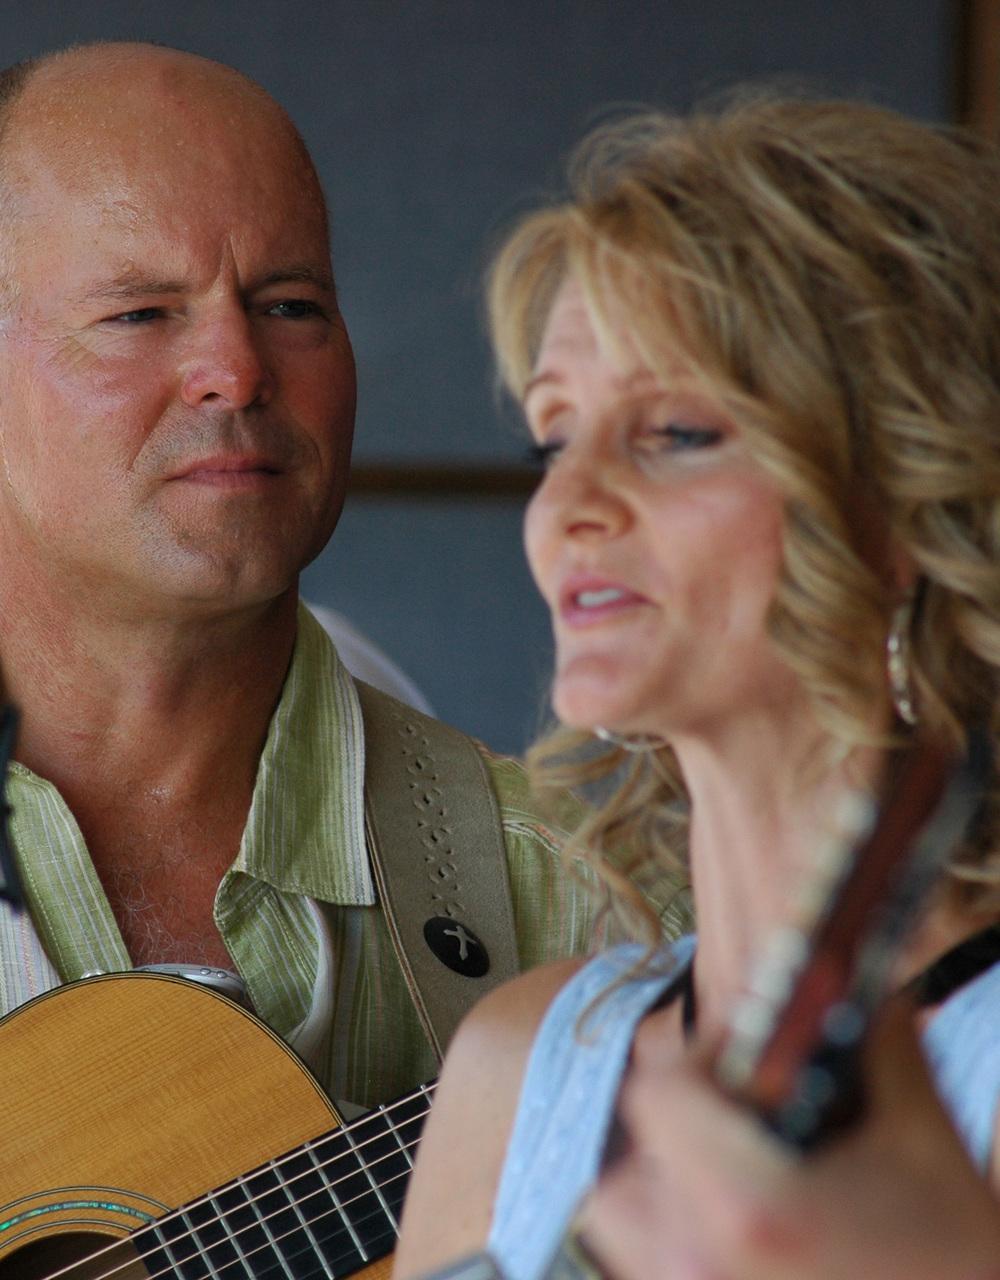 2012 - Darin & JoLynn Larsgard